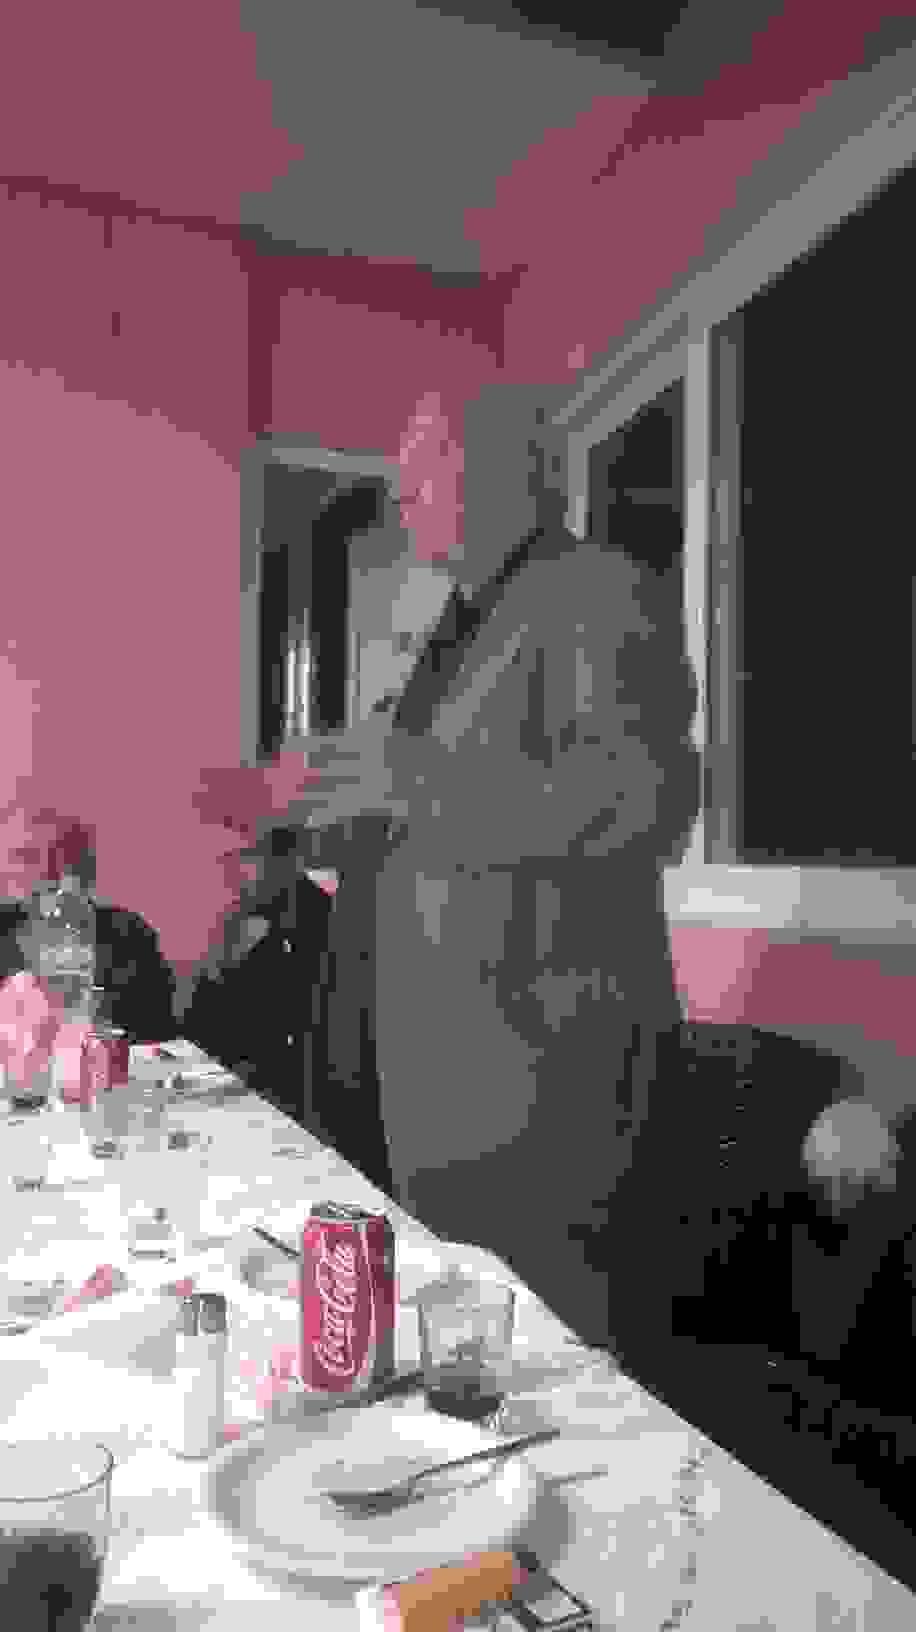 ΠΑΣΤΡΑ: ΚΑΛΕΣΜΕΝΟΣ ΣΕ ΔΕΙΠΝΟ Ο ΔΗΜΑΡΧΟΣ ΚΕΦΑΛΛΟΝΙΑΣ(ΦΩΤΟ)